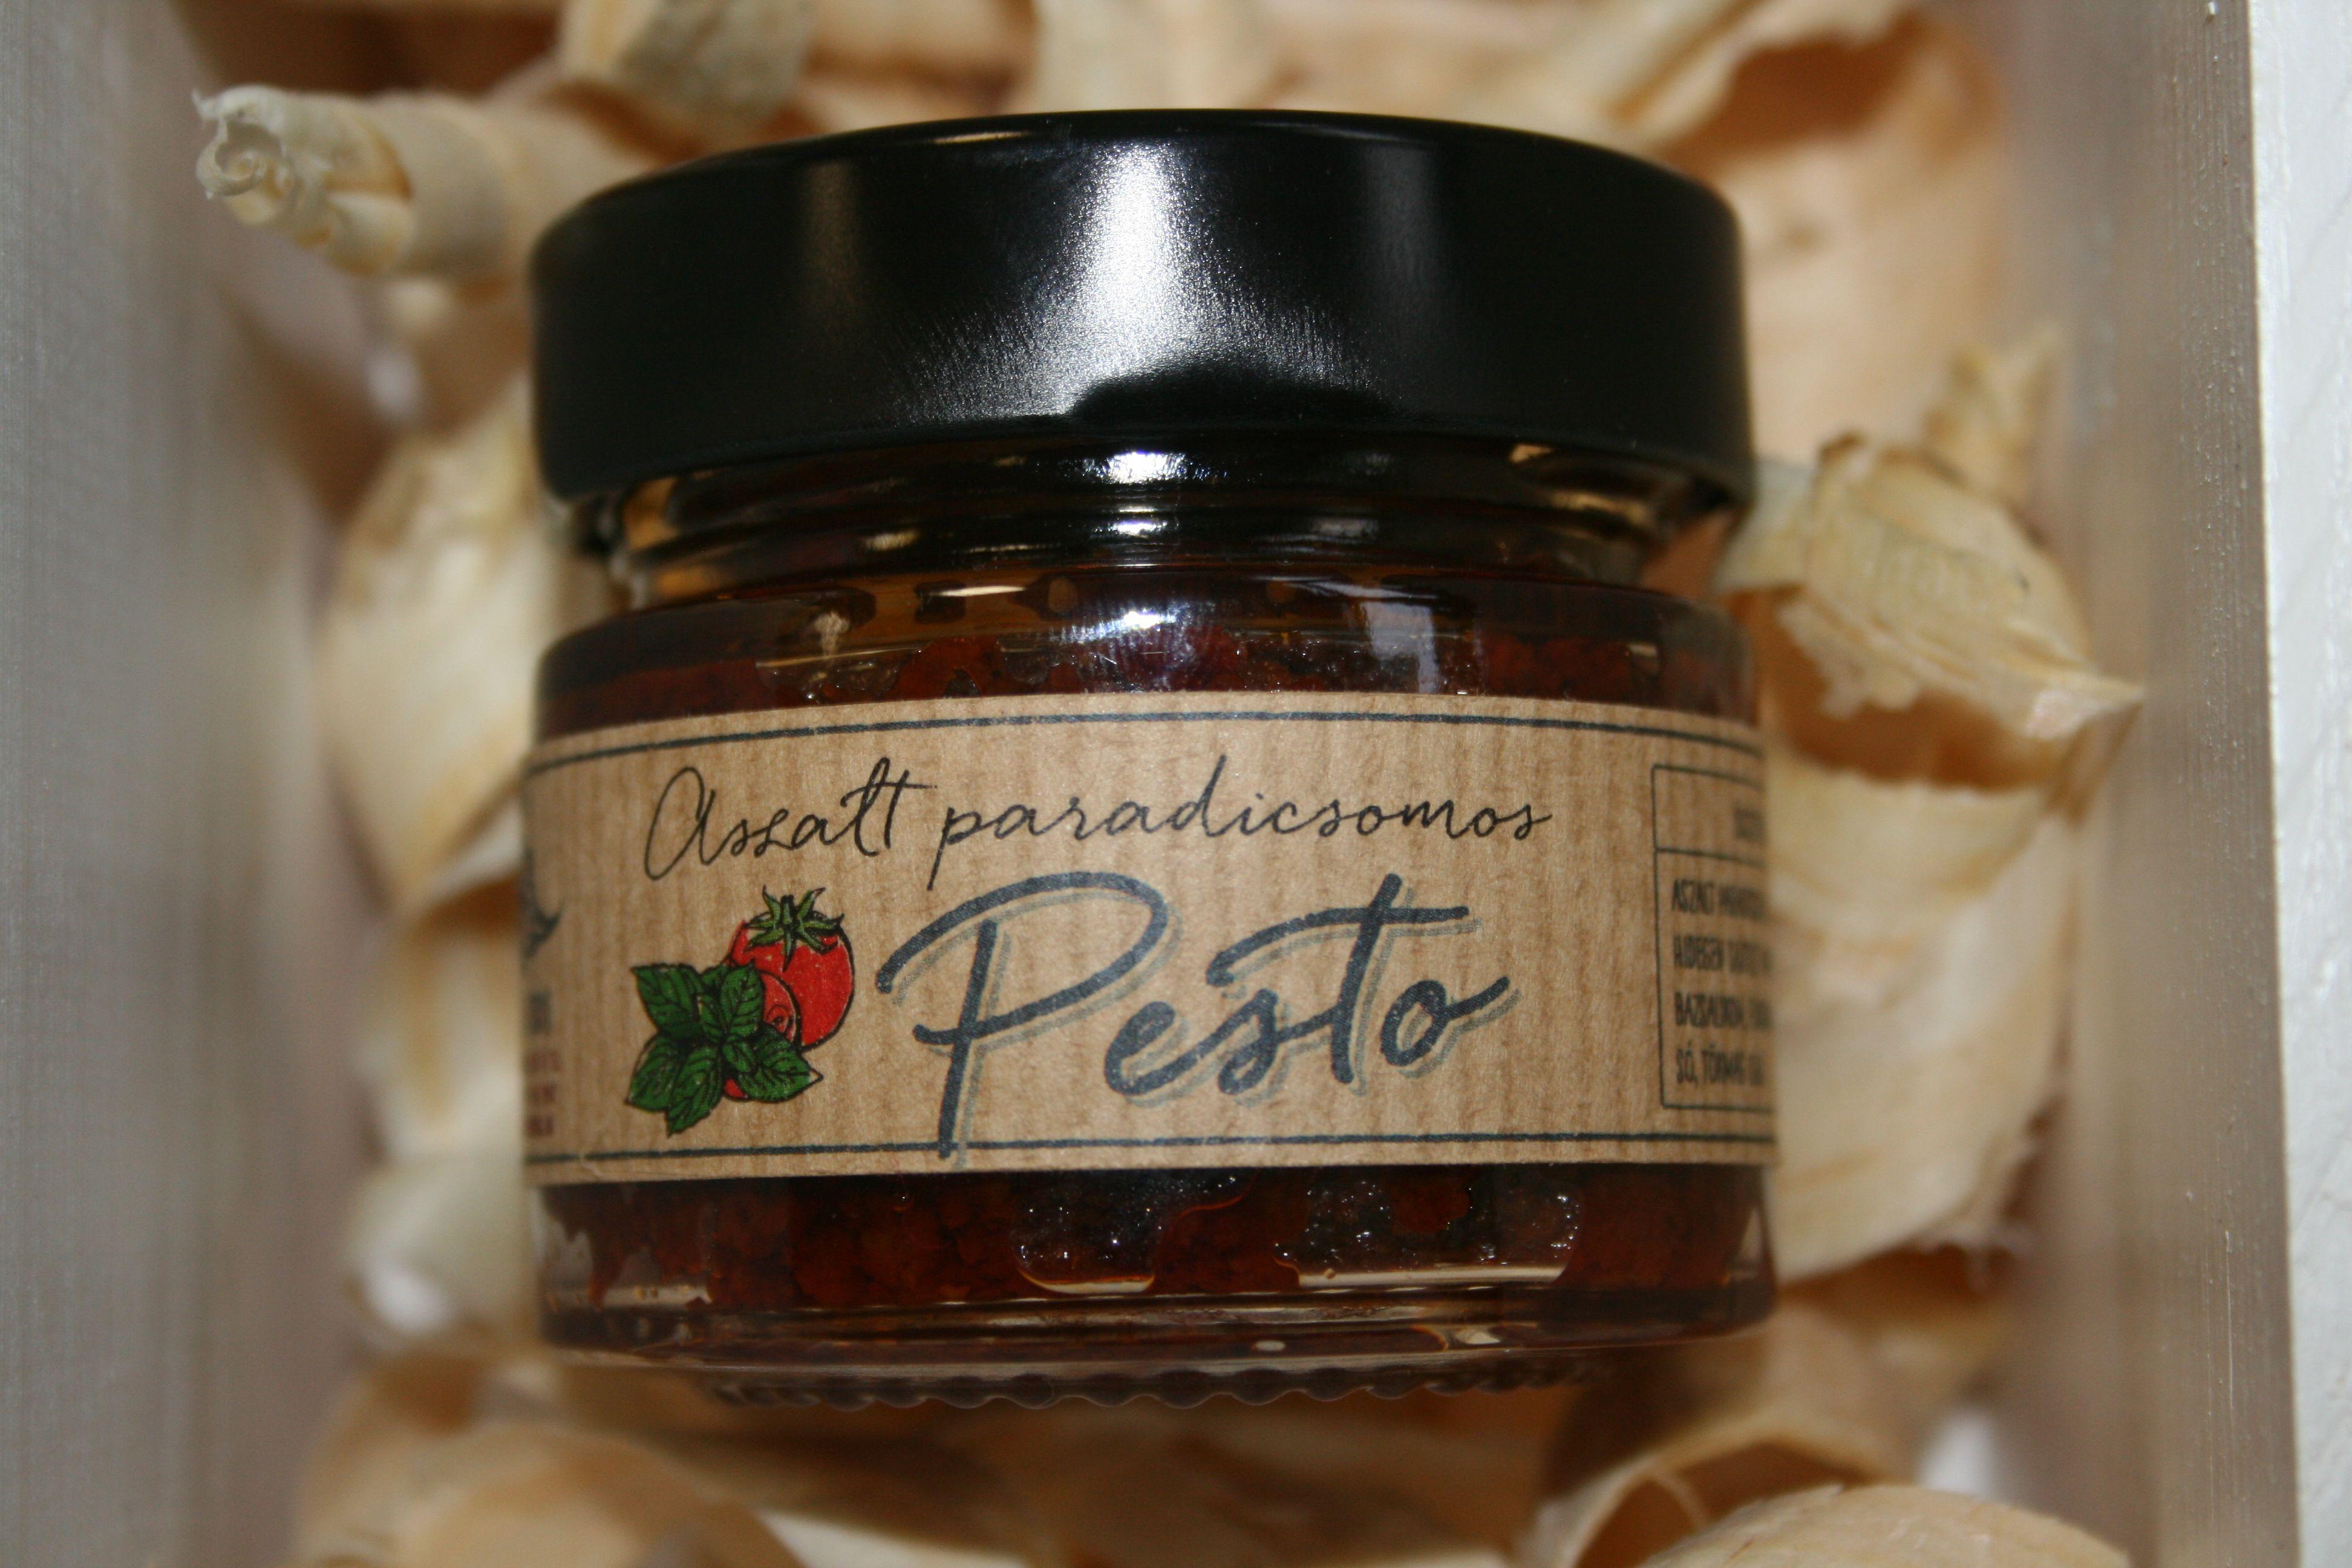 Paradicsomszósz Házi jellegű, kézműves termék, a hagyományos nagyanyáink által készített paradicsomszósz ízvilággal. Paradicsom, fokhagyma, bazsalikom, cukor, vöröshagyma, só, kakukkfű adja az ízek harmóniáját. Tartósítószert nem tartalmaz.